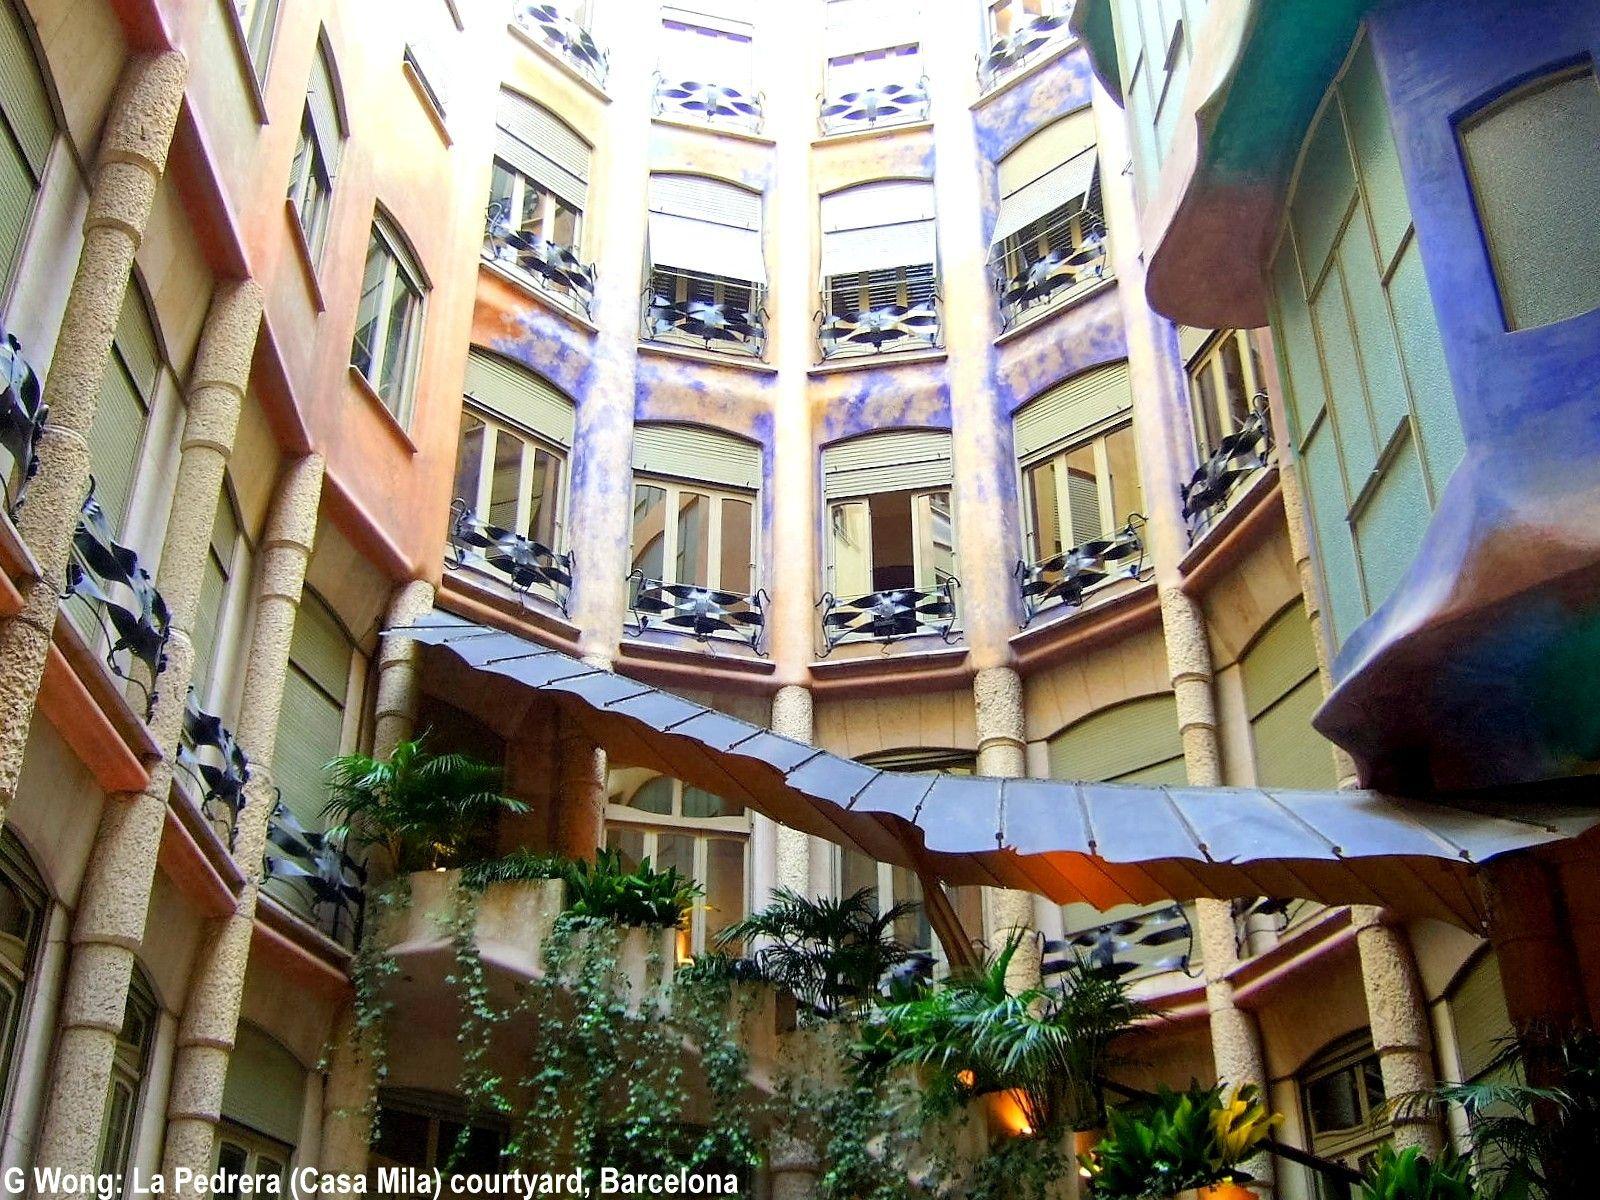 La Pedrera or Casa Mila courtyard (modernisme) by Antoni ... Casa Mila Courtyard